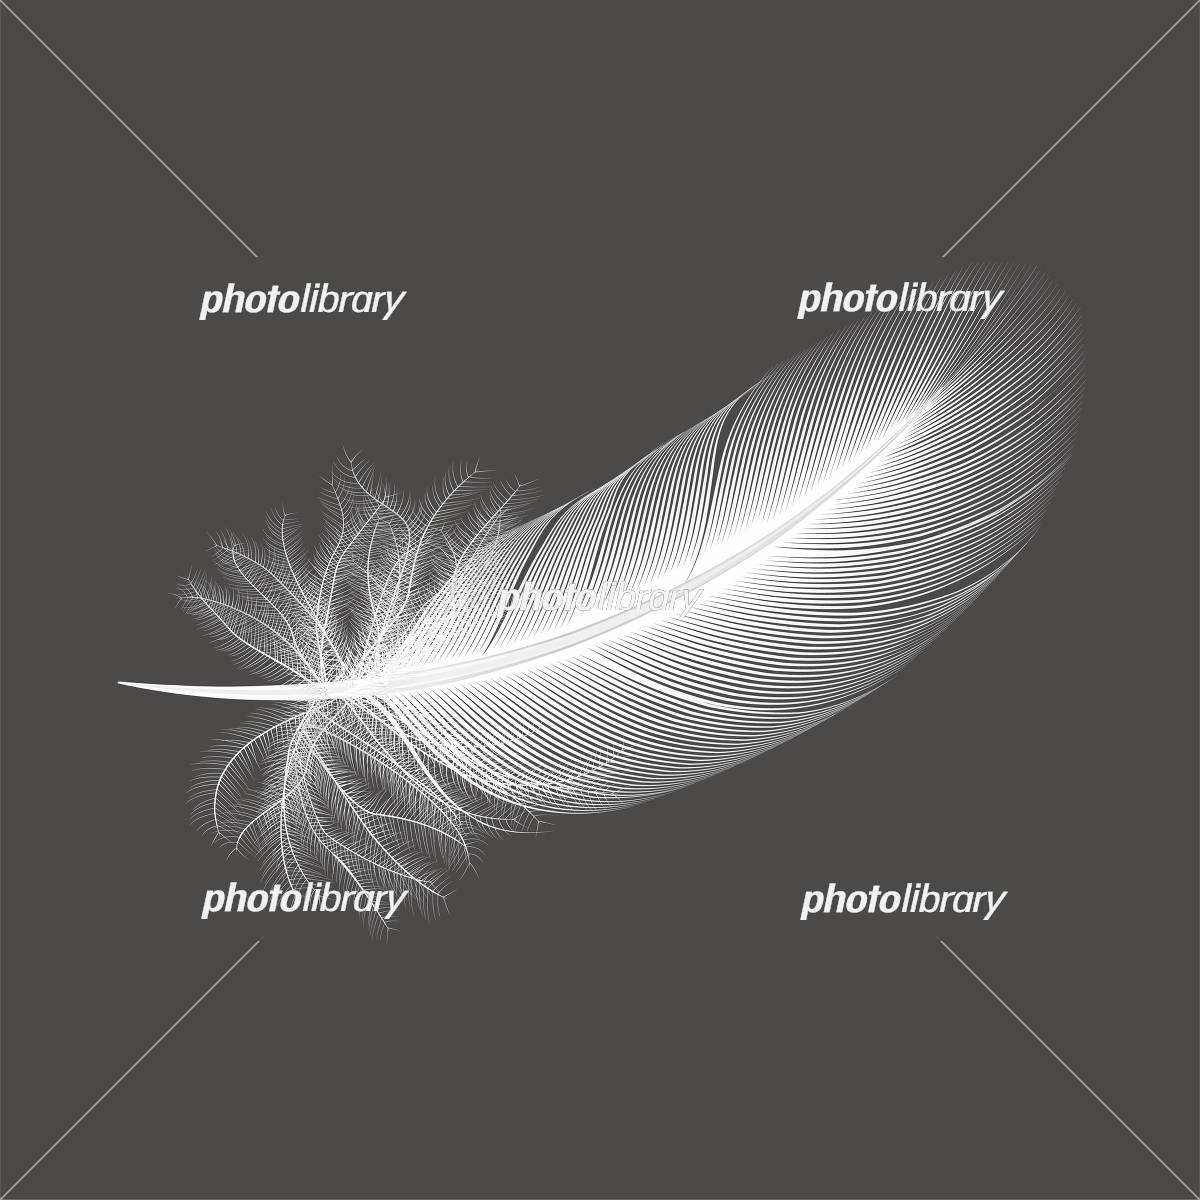 鳥の白い羽根 イラスト素材 5560205 フォトライブラリー Photolibrary